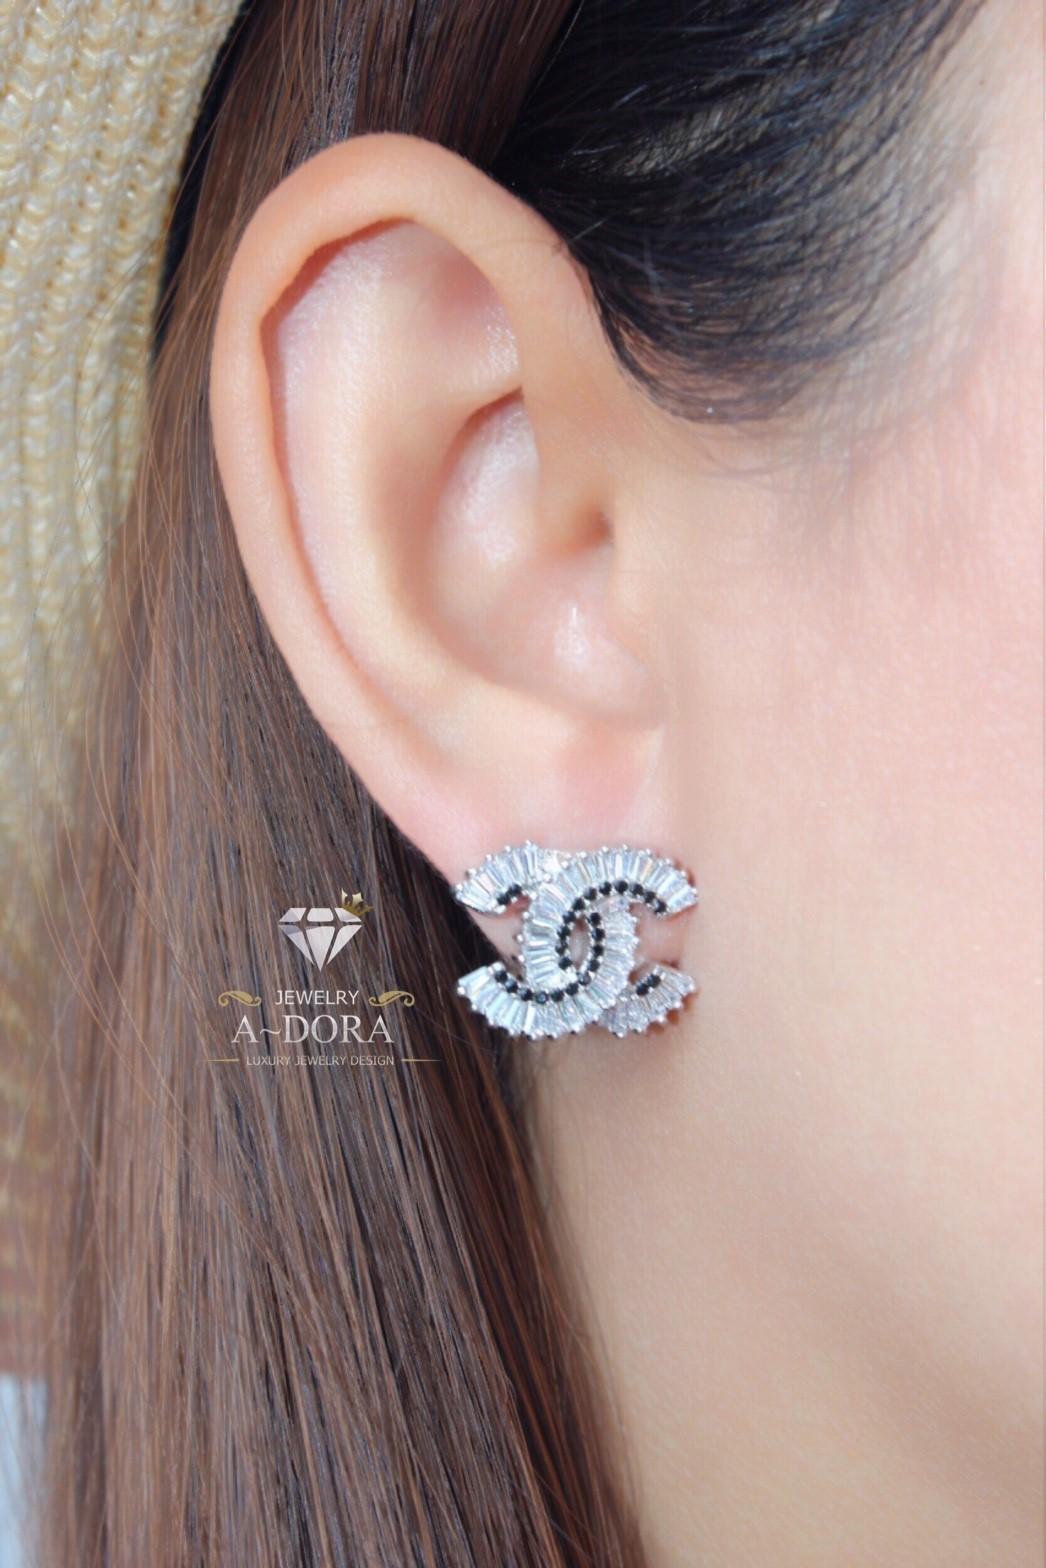 พร้อมส่ง ~ Chanel Earring งานเพชรซีกงานเกรดพรีเมี่ยมสวยมากค่ะ